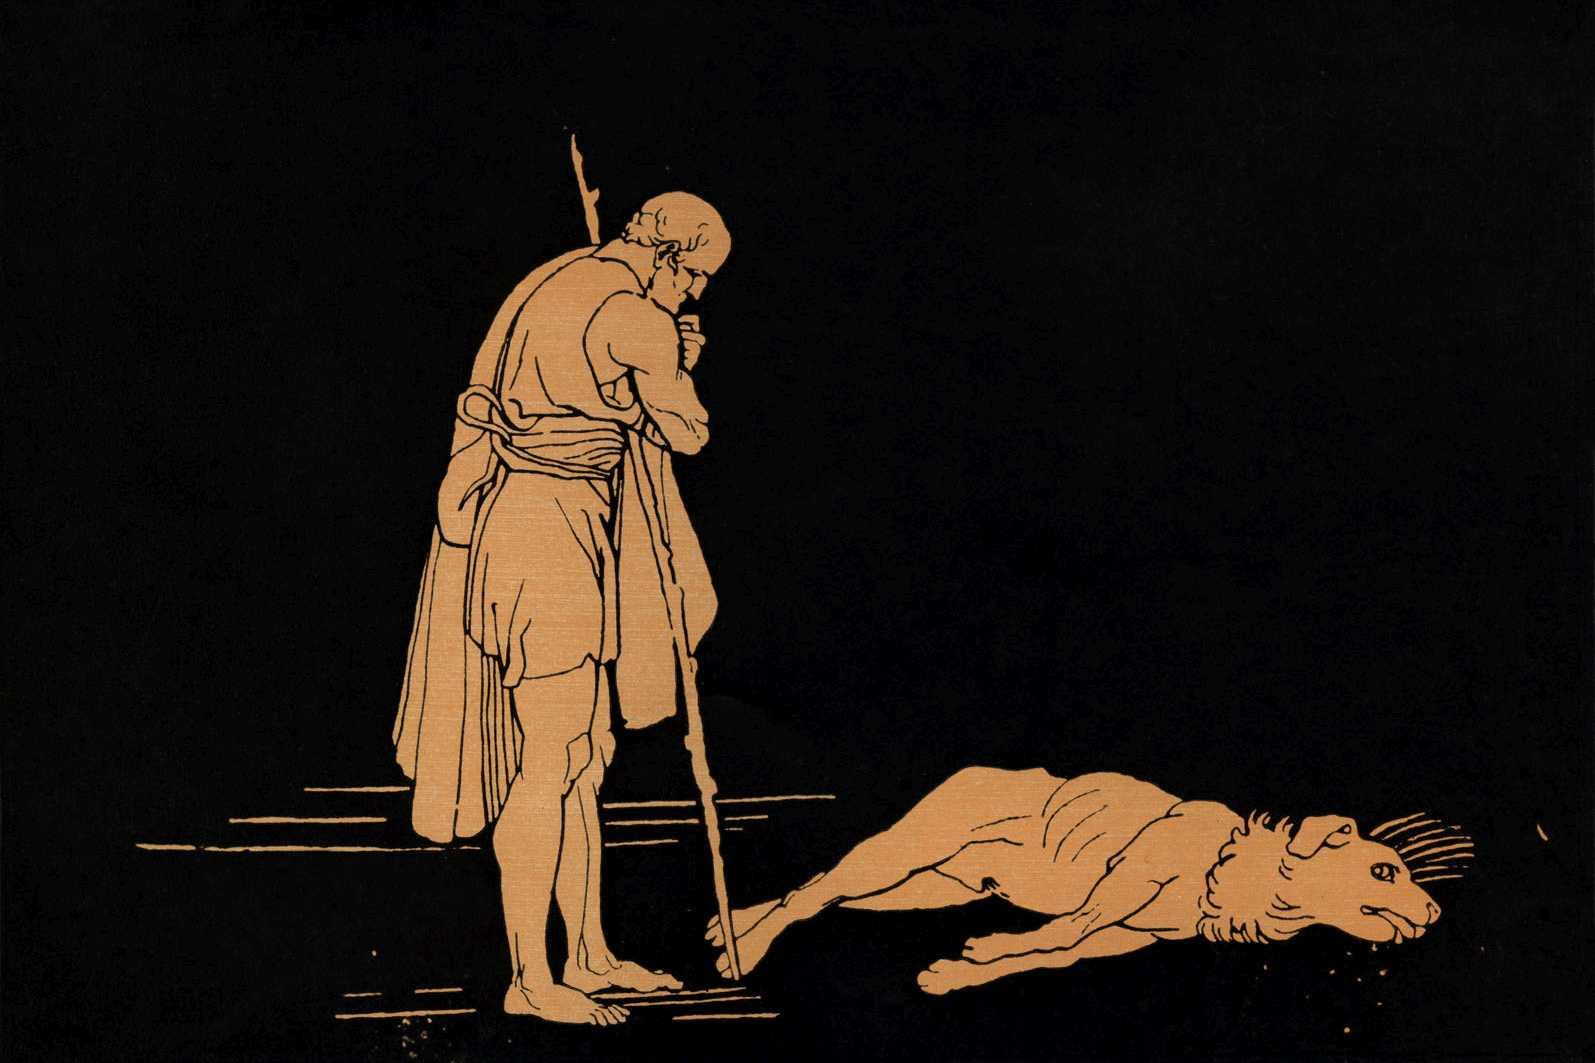 אודיסיאוס חוזר לאיתקה